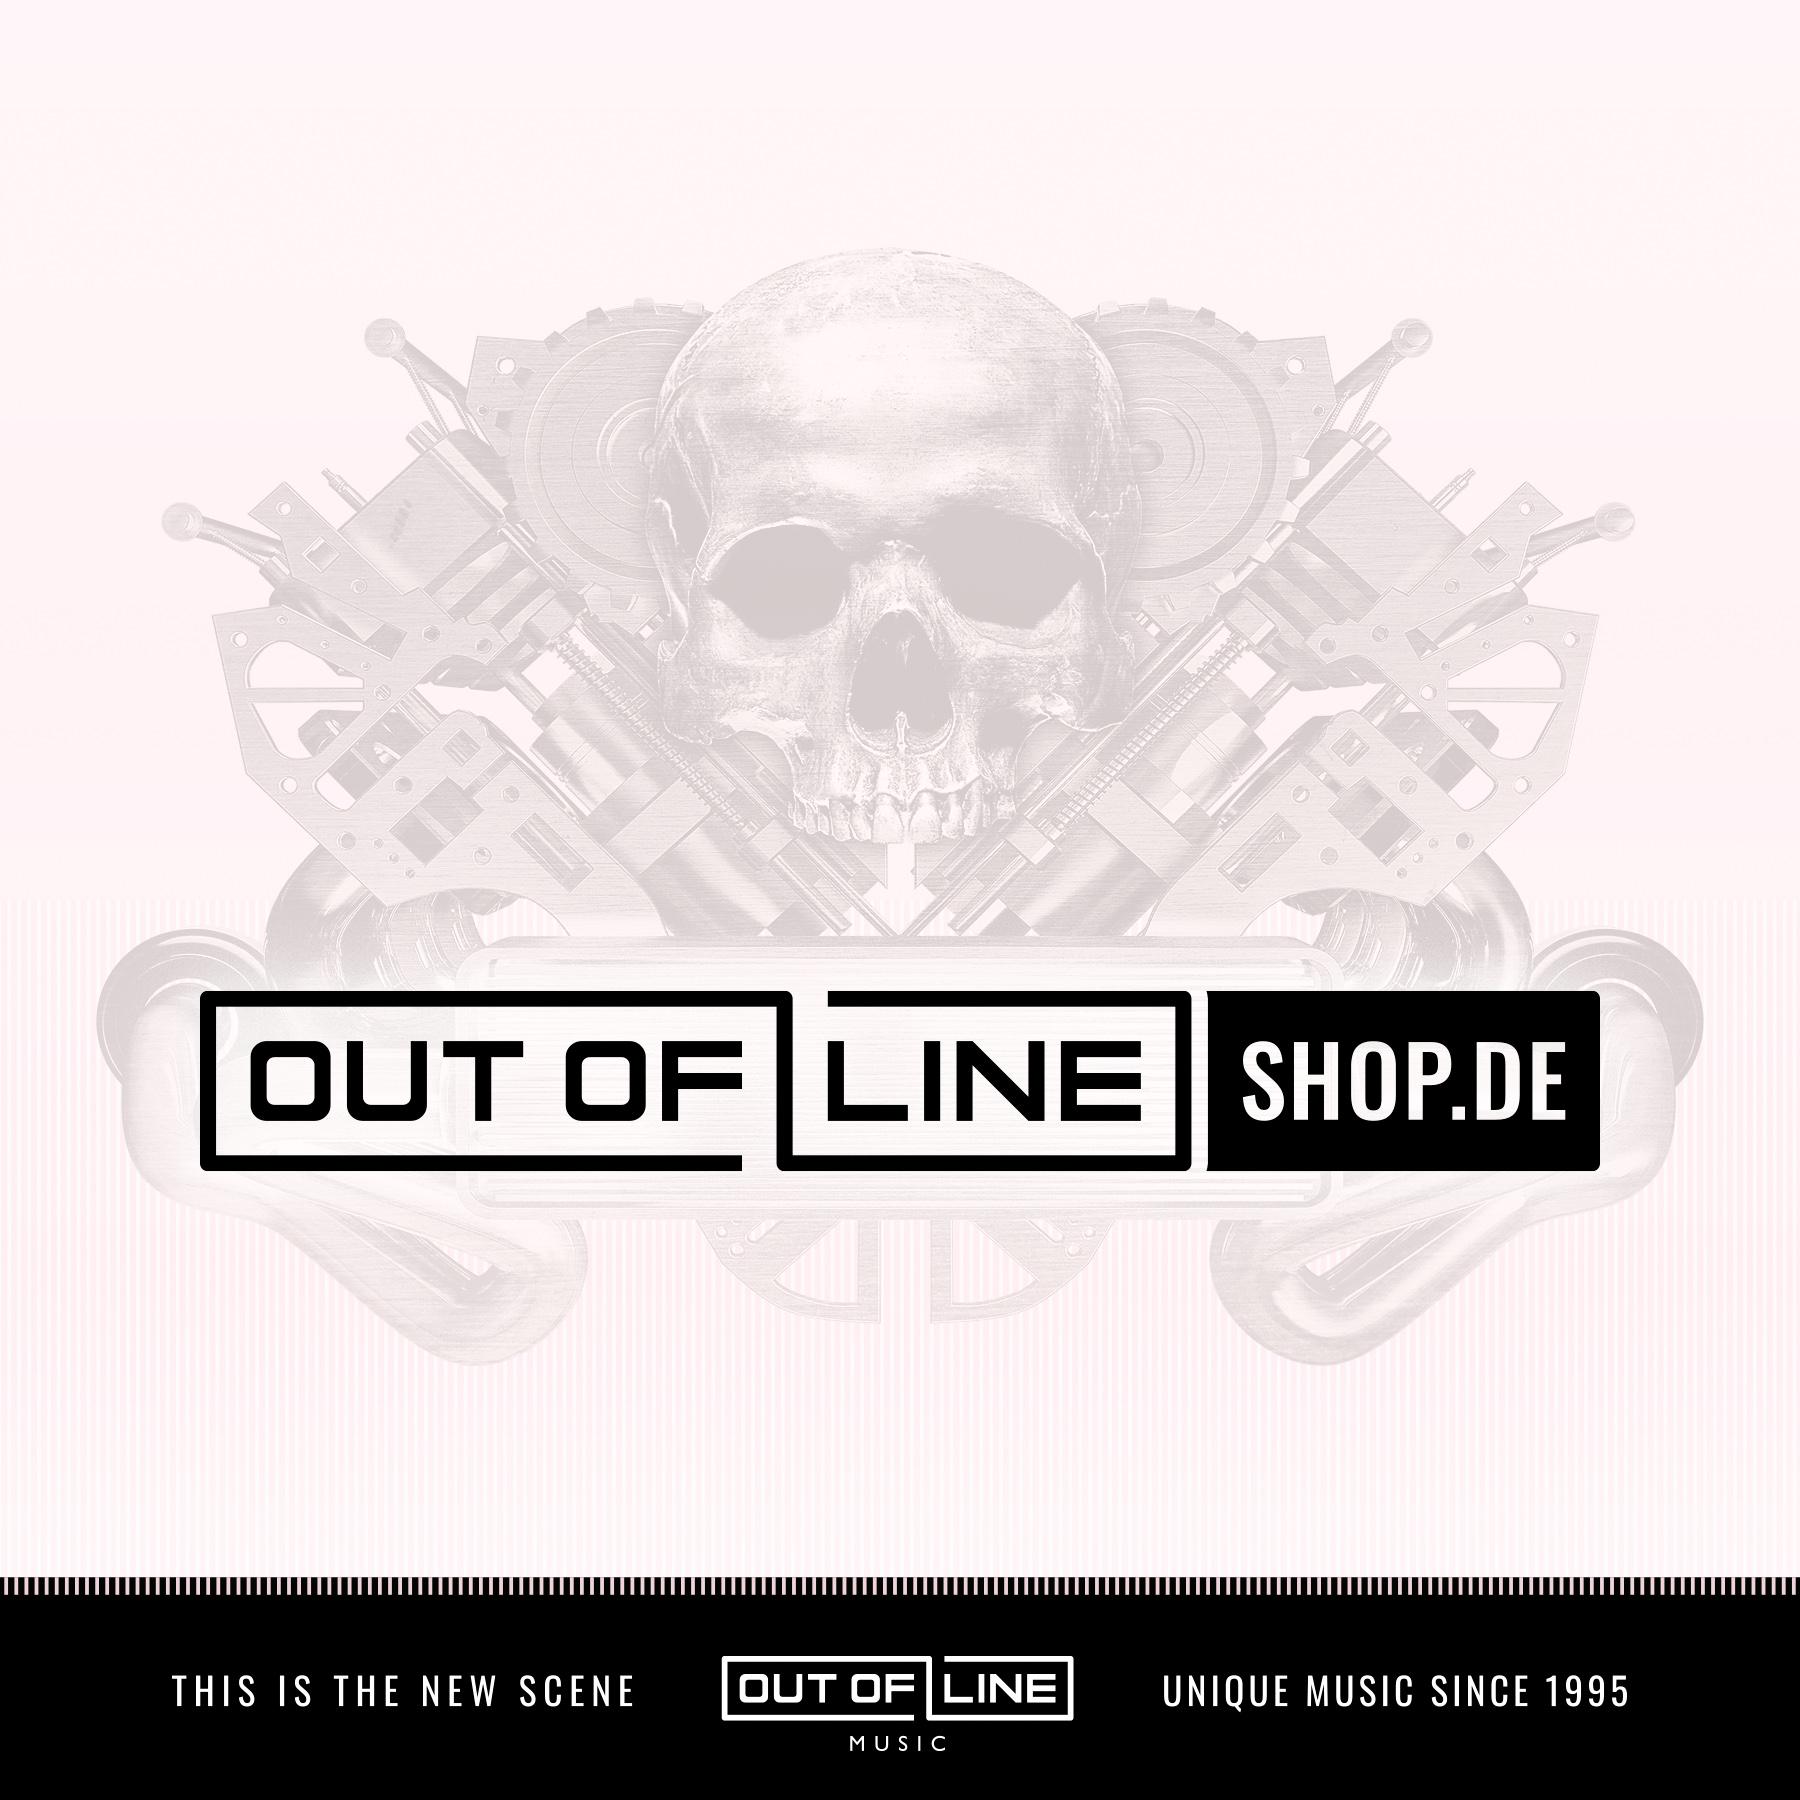 Einstürzende Neubauten - Alles in Allem (Limited Edition) - Box Set